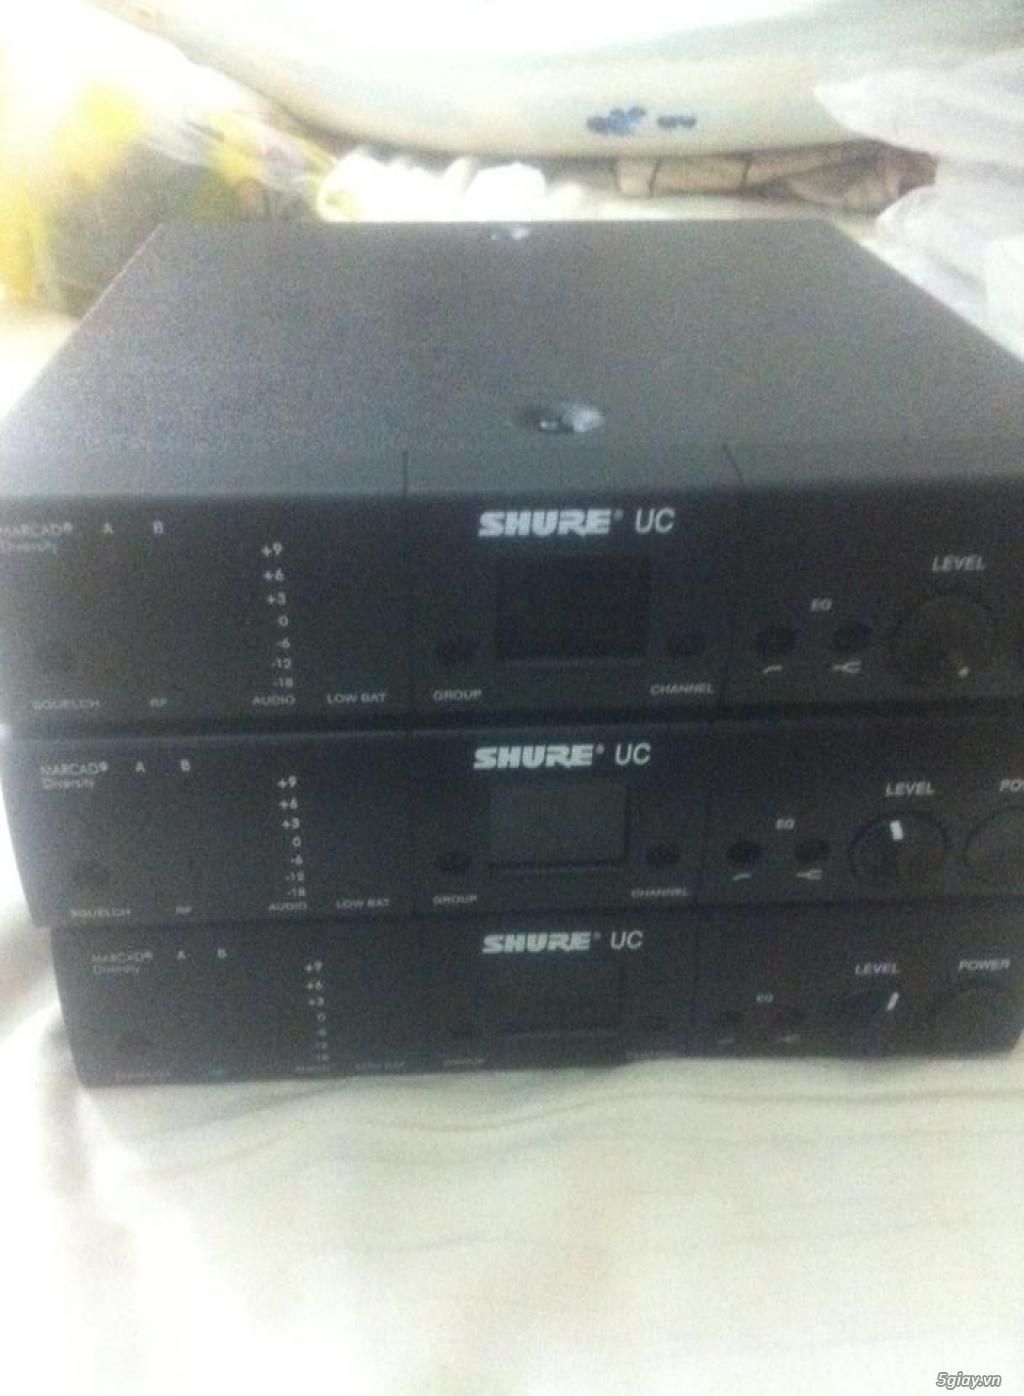 Bán Micro Shure không dây của Mỹ chính hãng ( Shure U4S UA, U4D UA, UC4 UA ) - 9